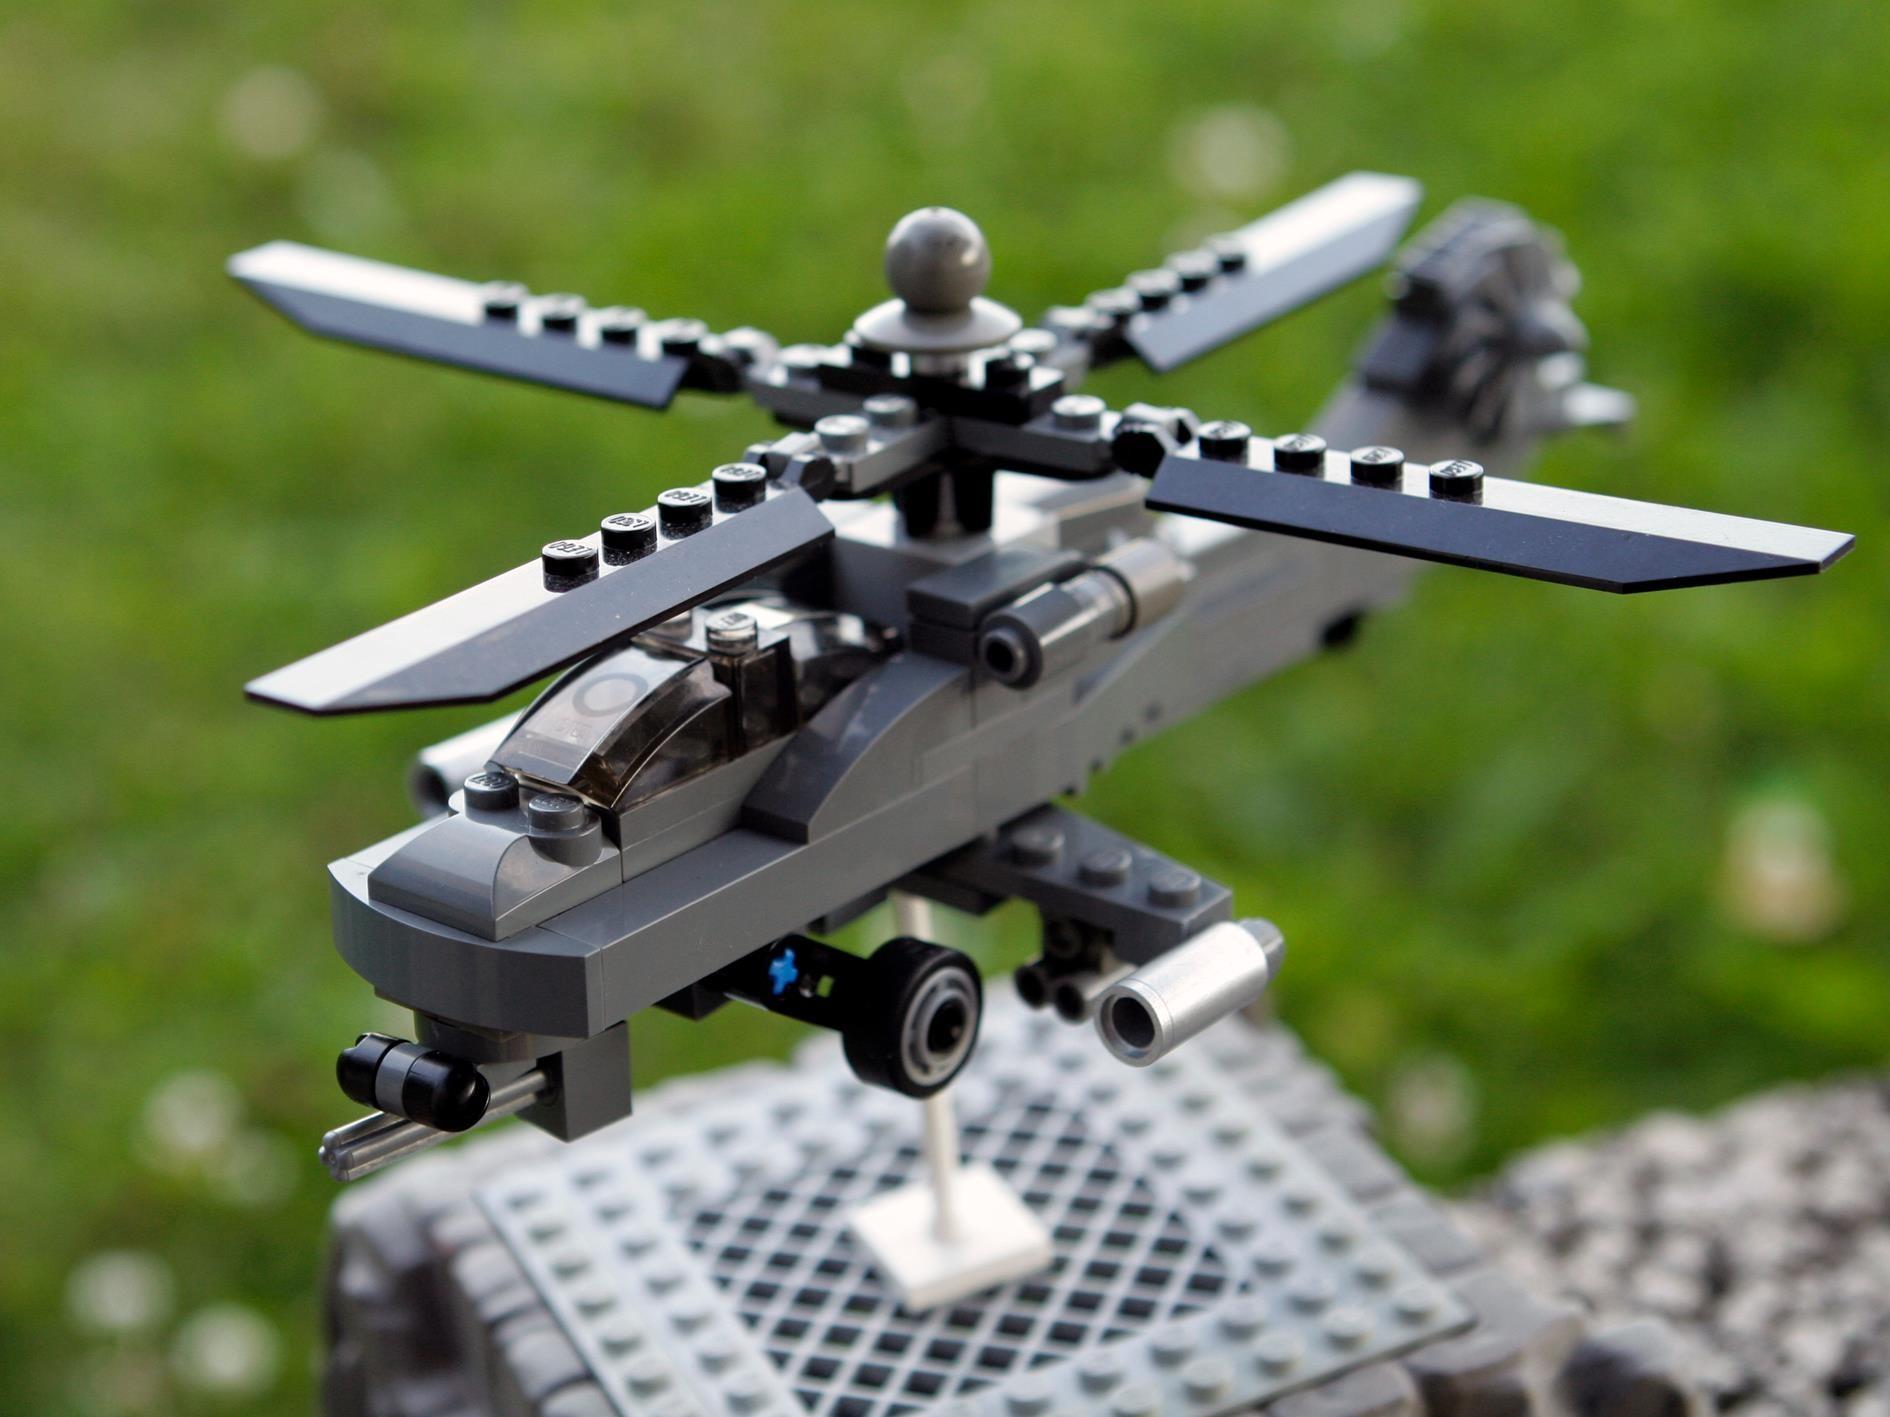 интервью фото военных вертолетов из лего хороший, теплый, светлый